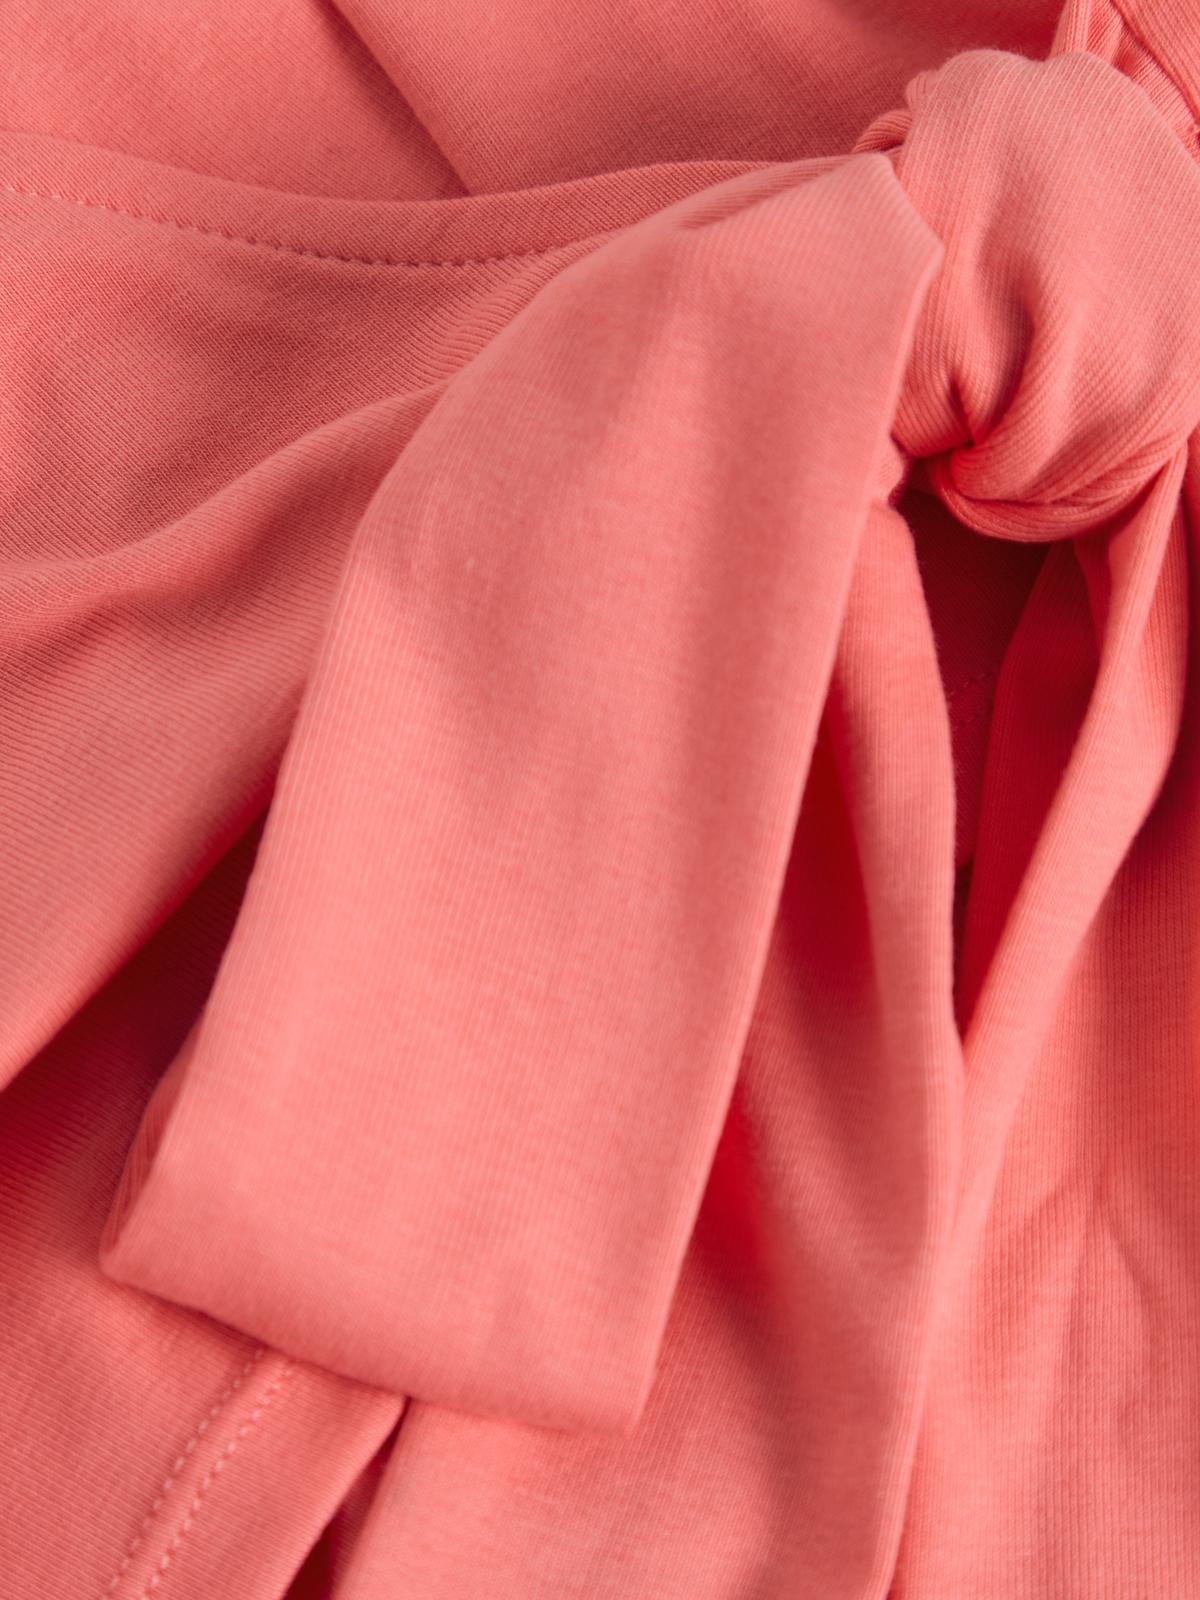 Tie Wrap Crop Top Pink